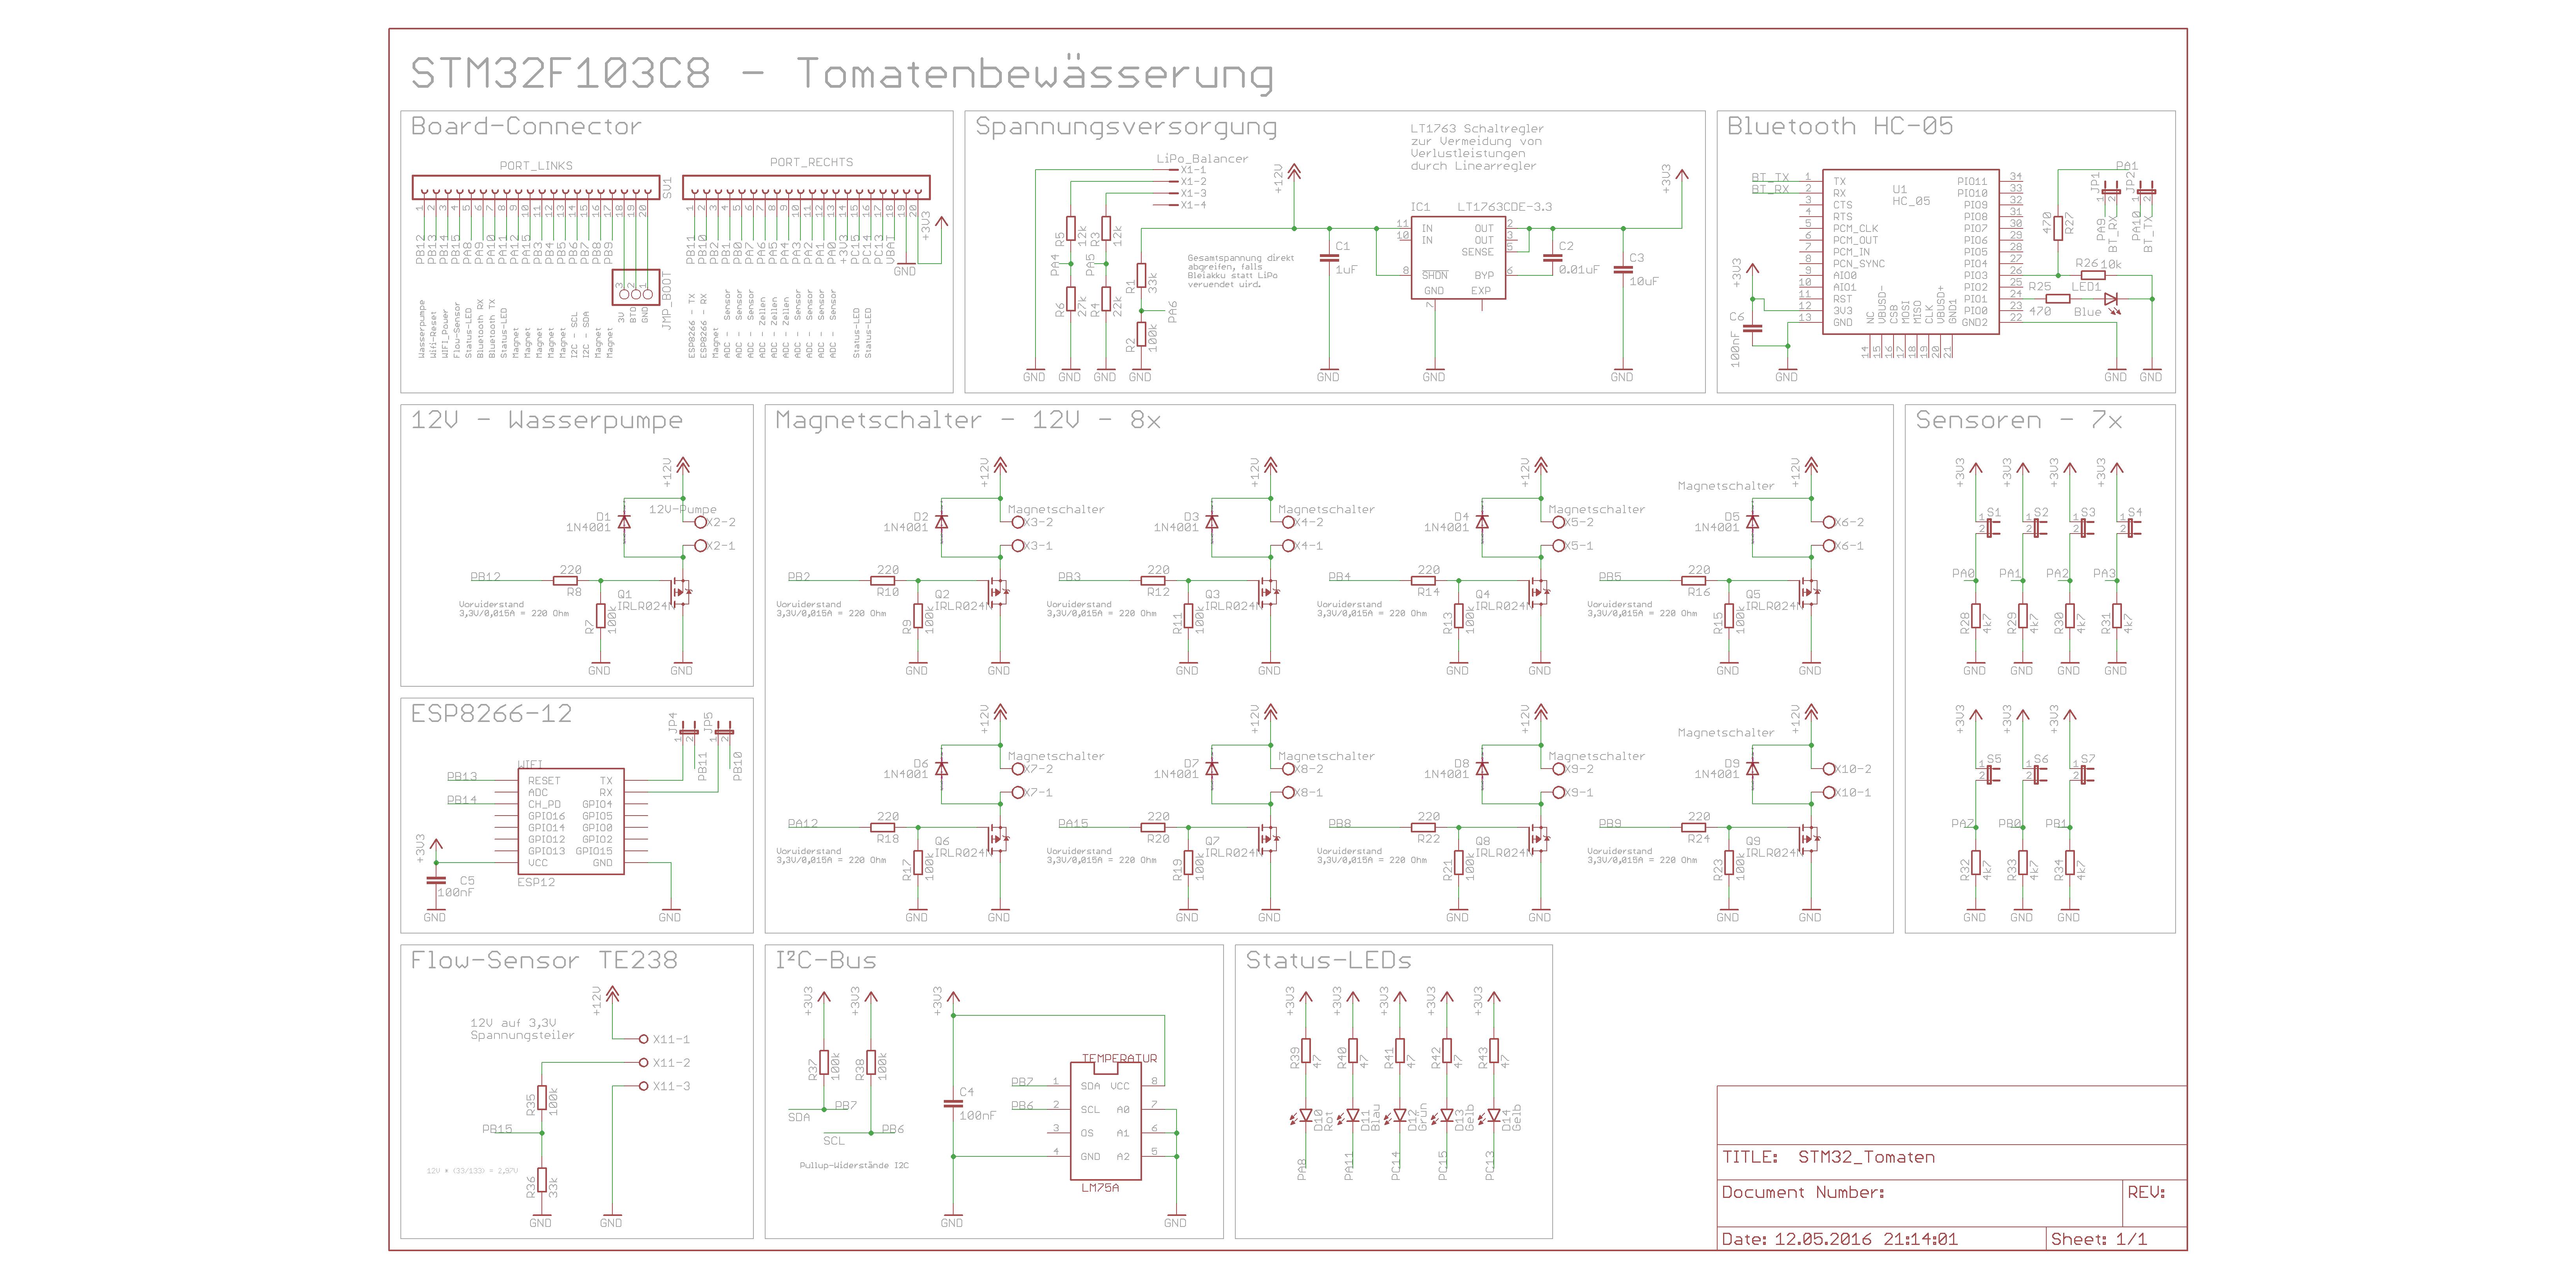 Gemütlich Wie Man Schaltplan Liest Bilder - Schaltplan Serie Circuit ...